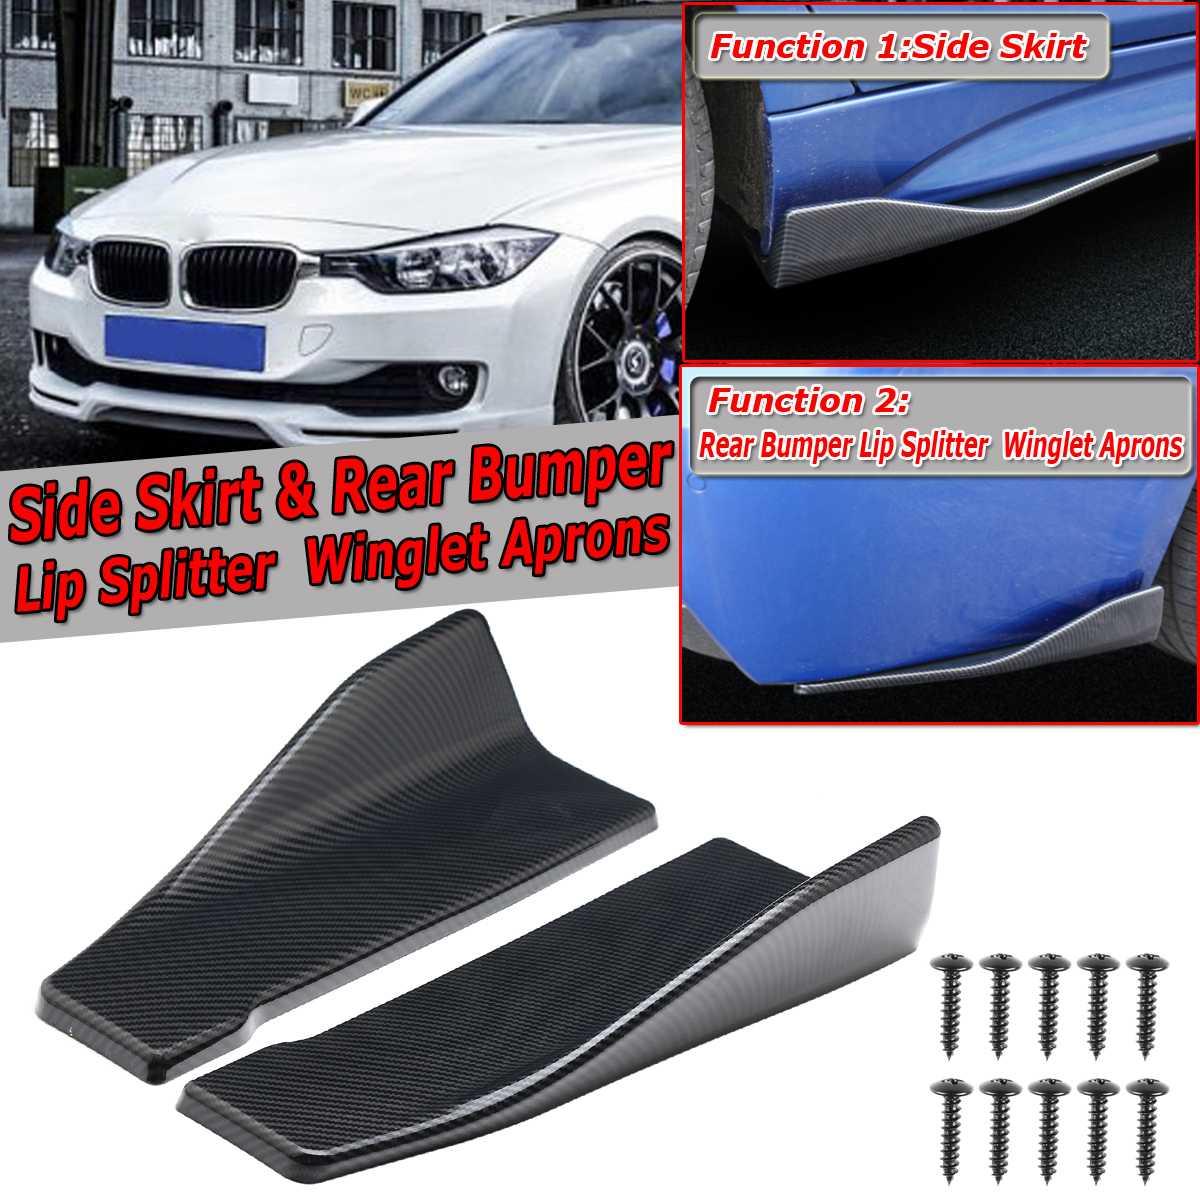 2 pcs 35 cm/48 cm אוניברסלי רכב צד חצאית & אחורי פגוש מפזר ספוילר שפתיים ספליטר נפון סינרים סיבי פחמן לנץ עבור BMW